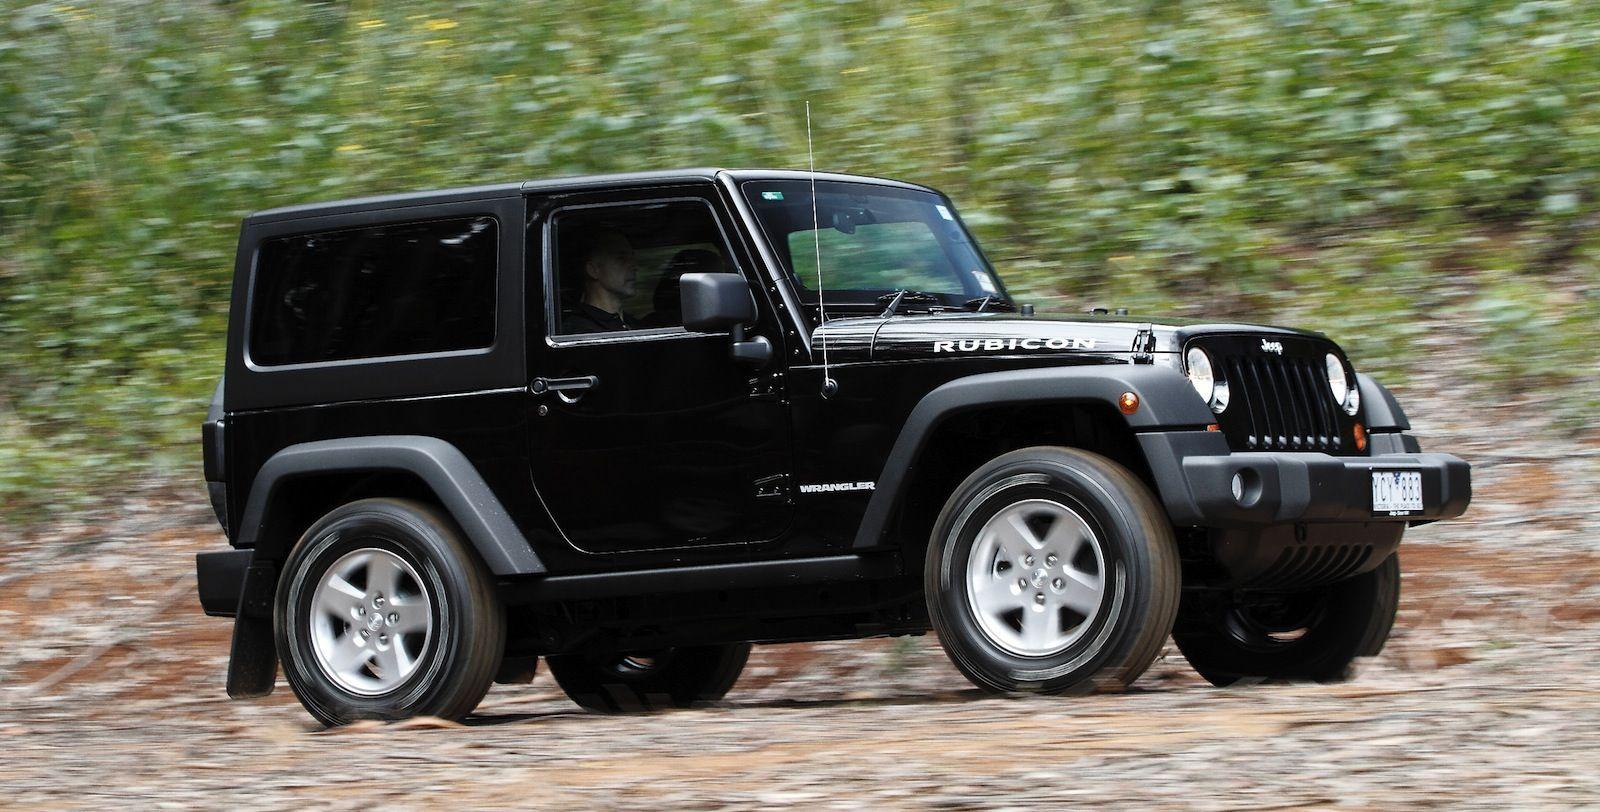 Jeep Wrangler Jeep Wrangler Black Jeep Black Jeep Wrangler